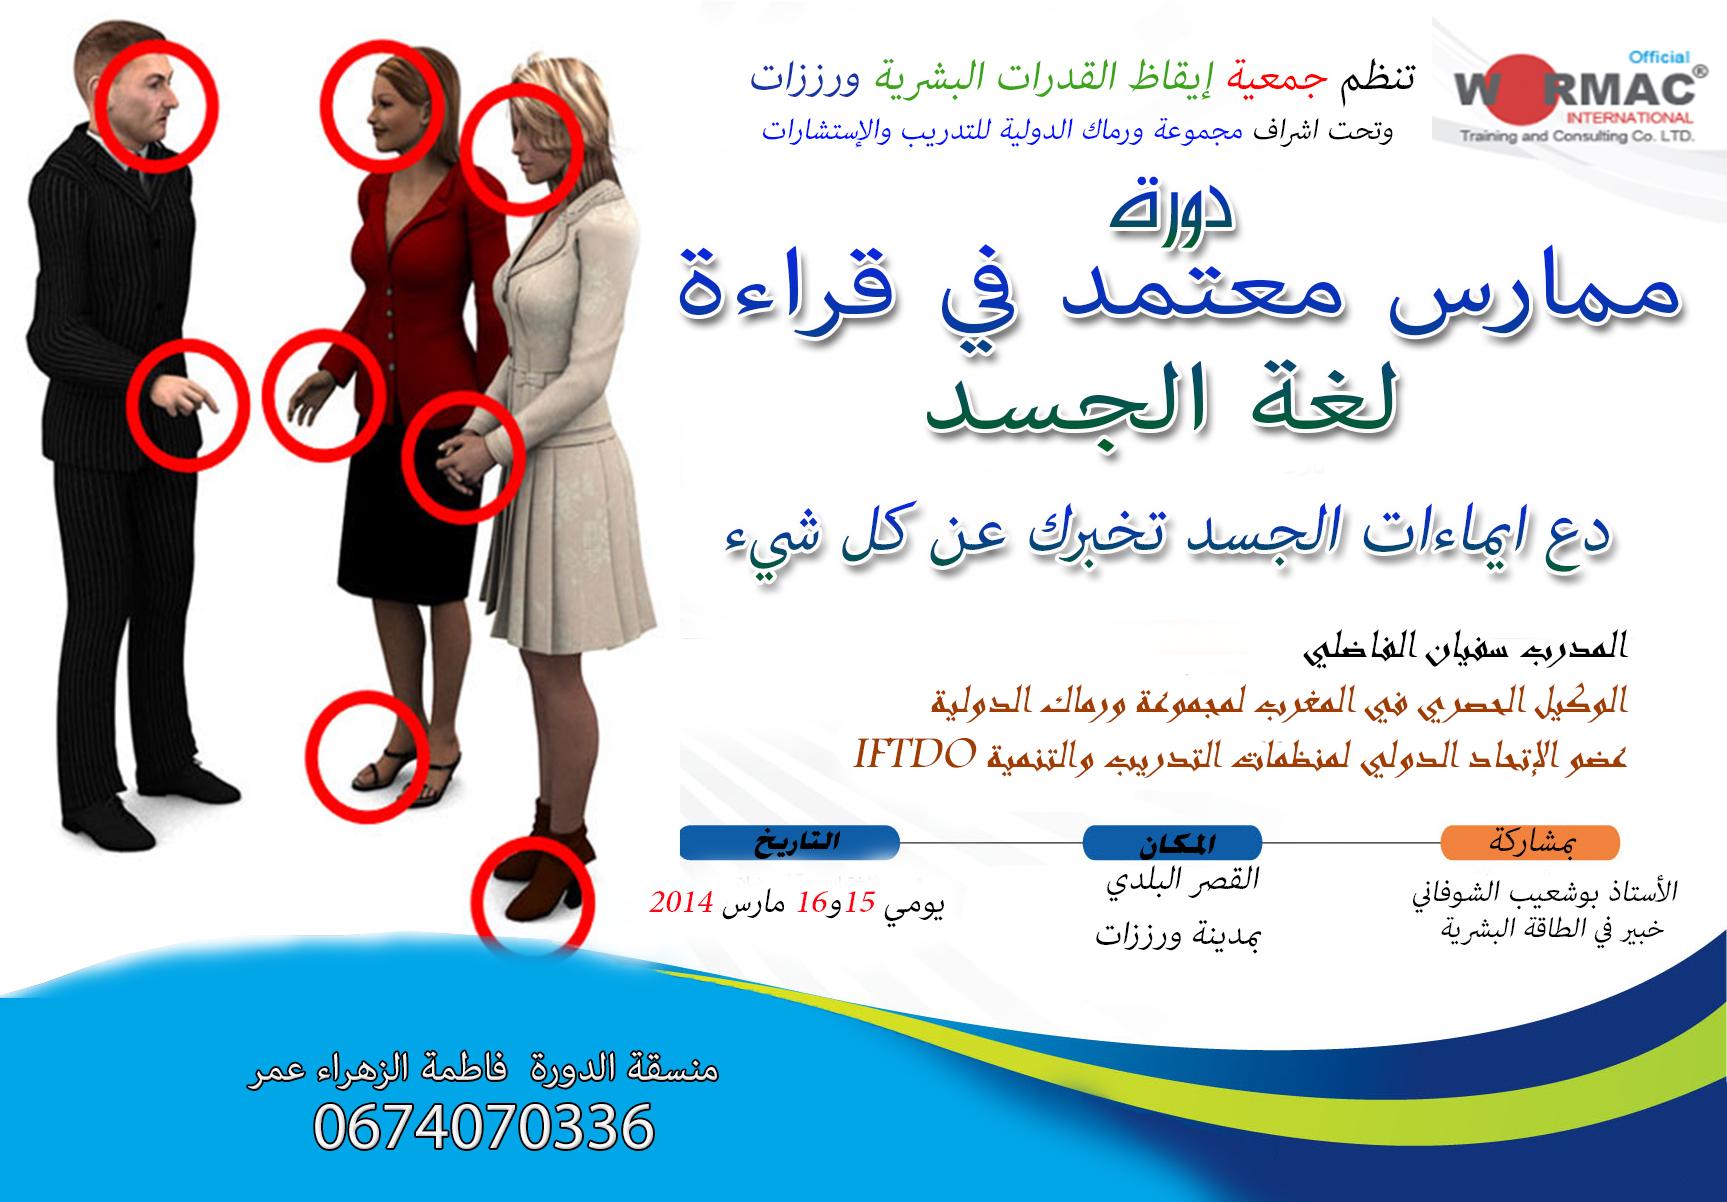 دورة إعداد الممارس المعتمد في قراءة لغة الجسد بمدينة ورزازات